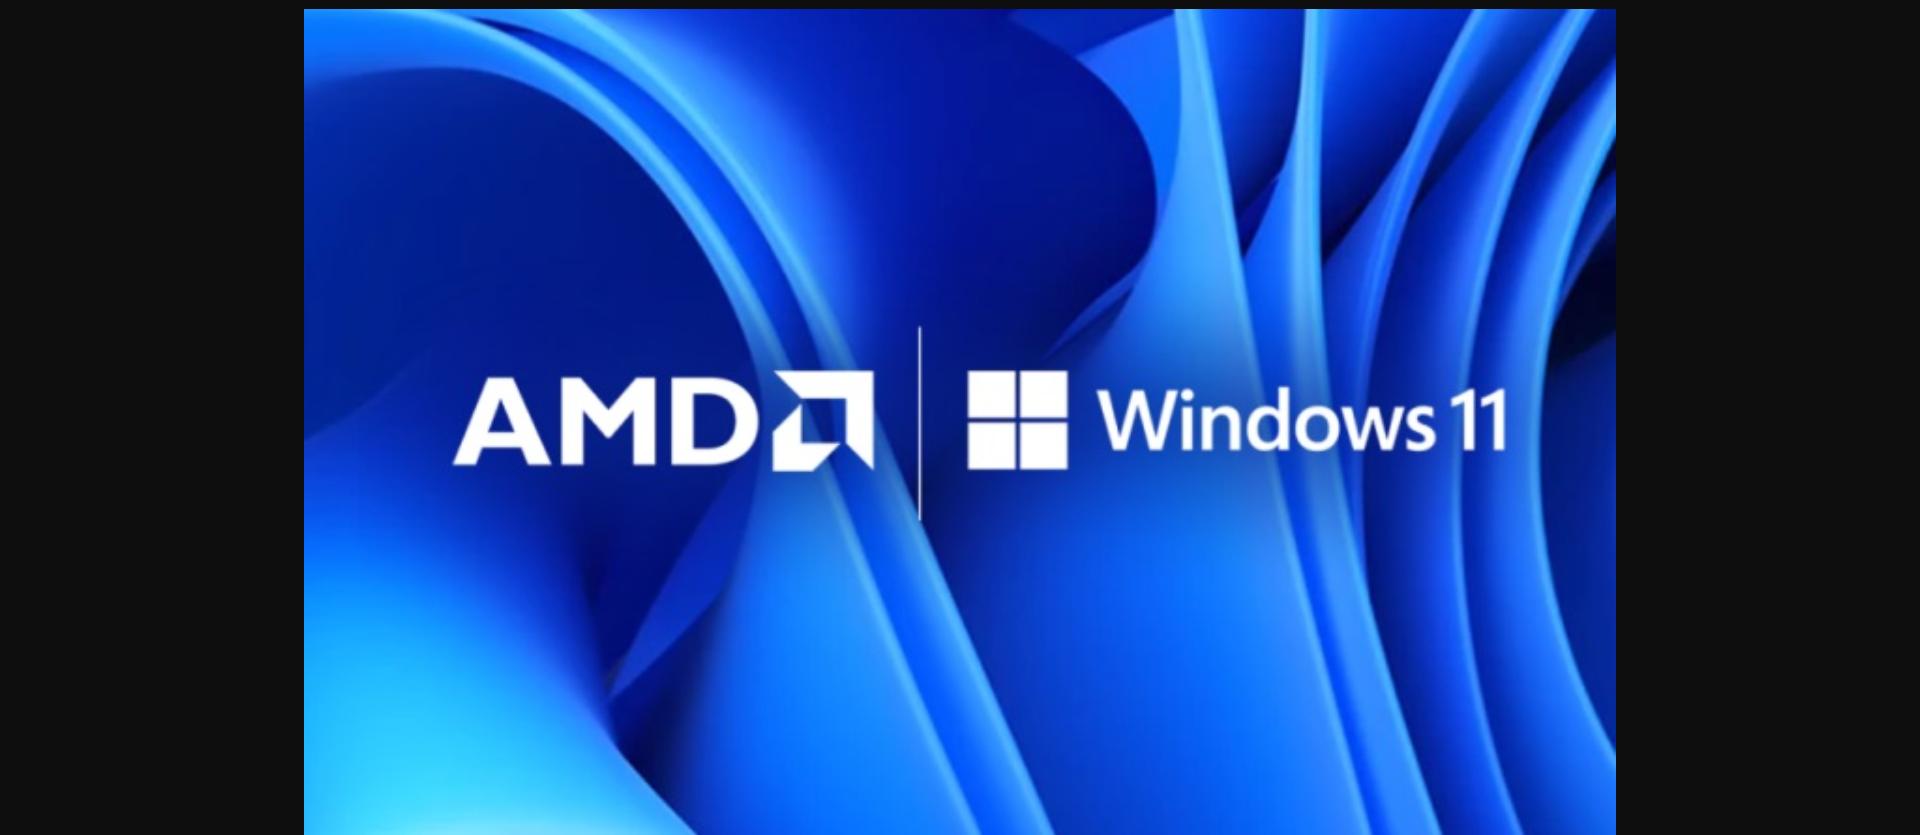 Microsoft corrige o problema de desempenho da CPU da AMD